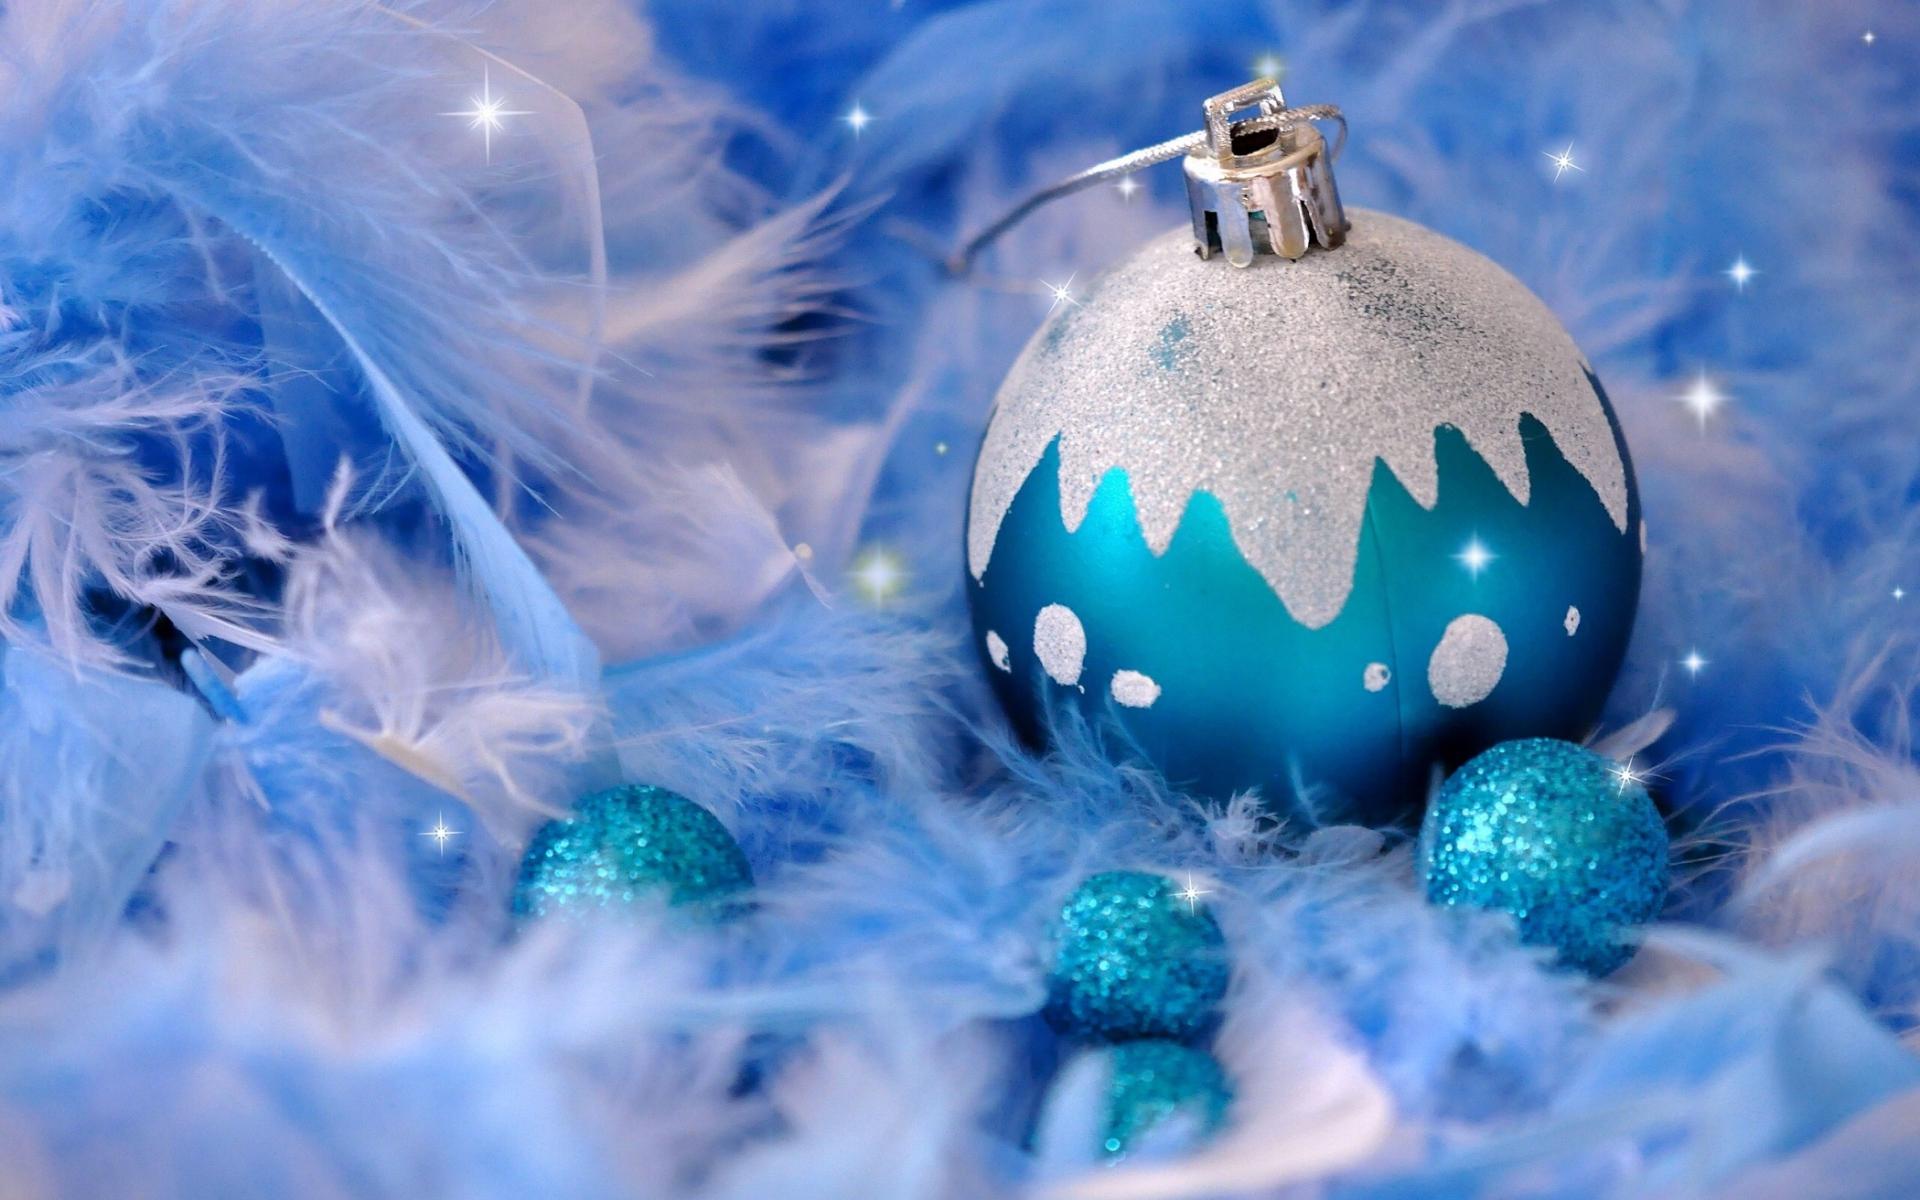 Синий шарик на Новый год - C Новым годом 2019 картинки ...